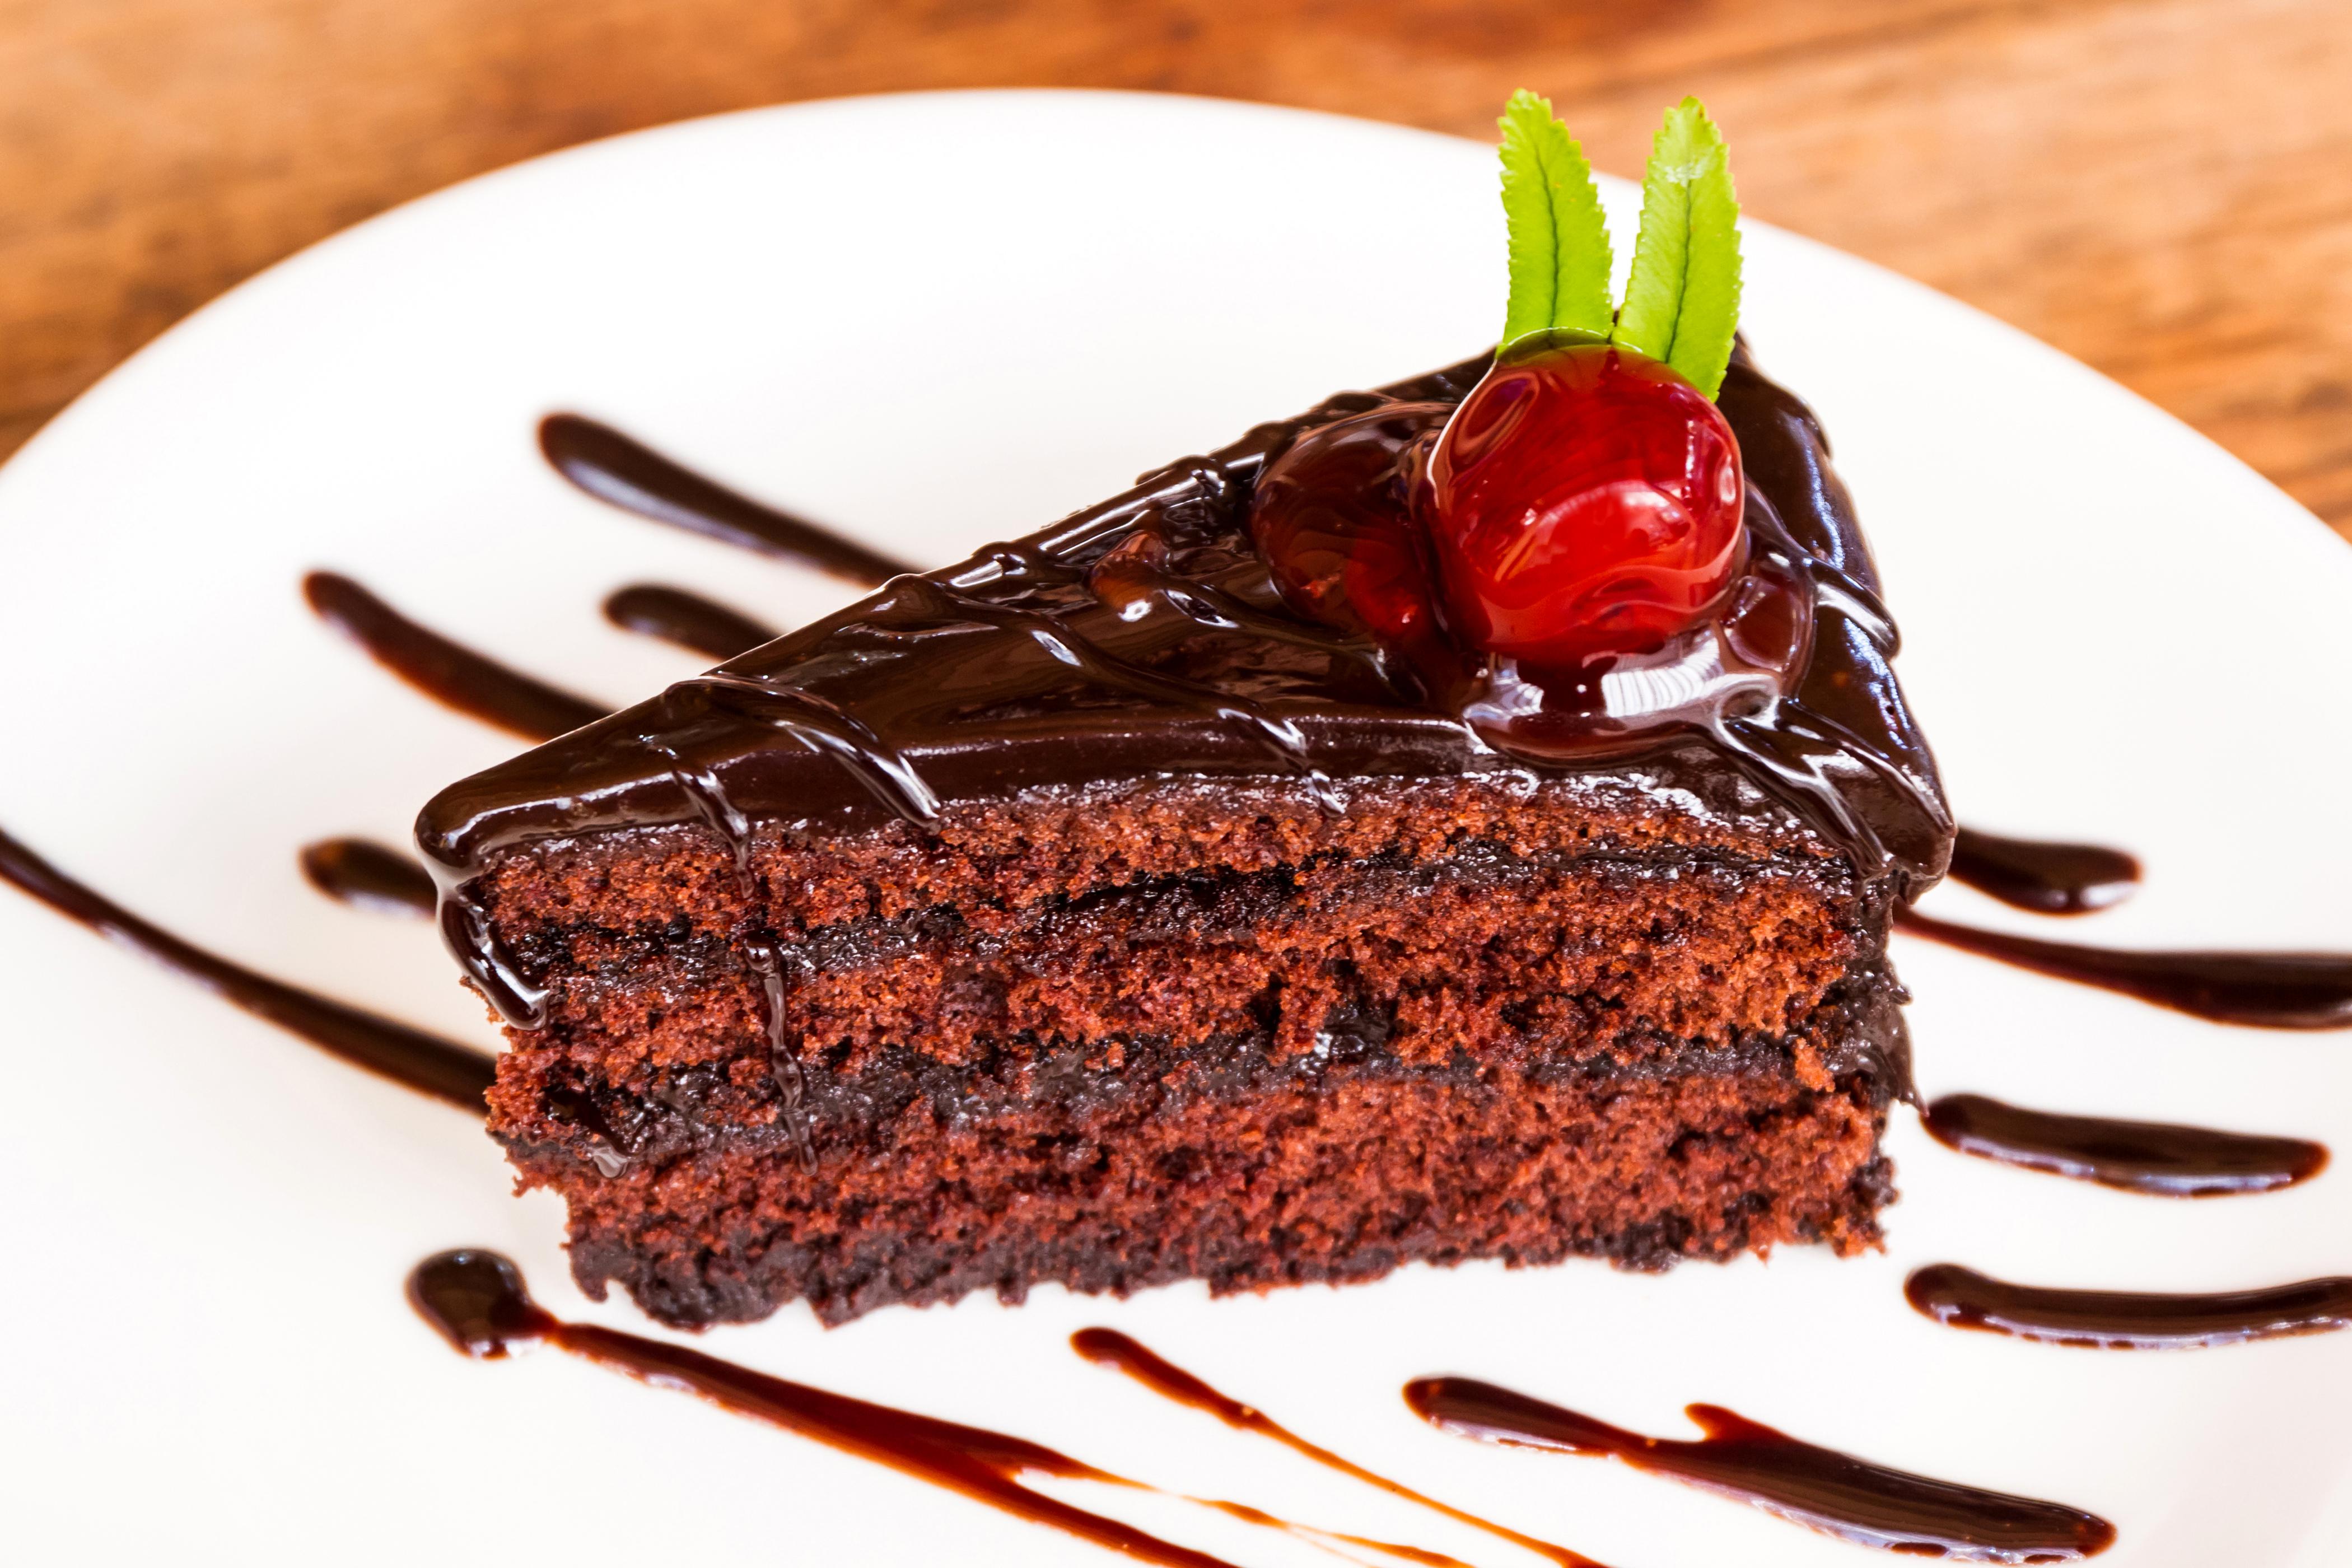 пирожное кусок шоколад тарелка бесплатно